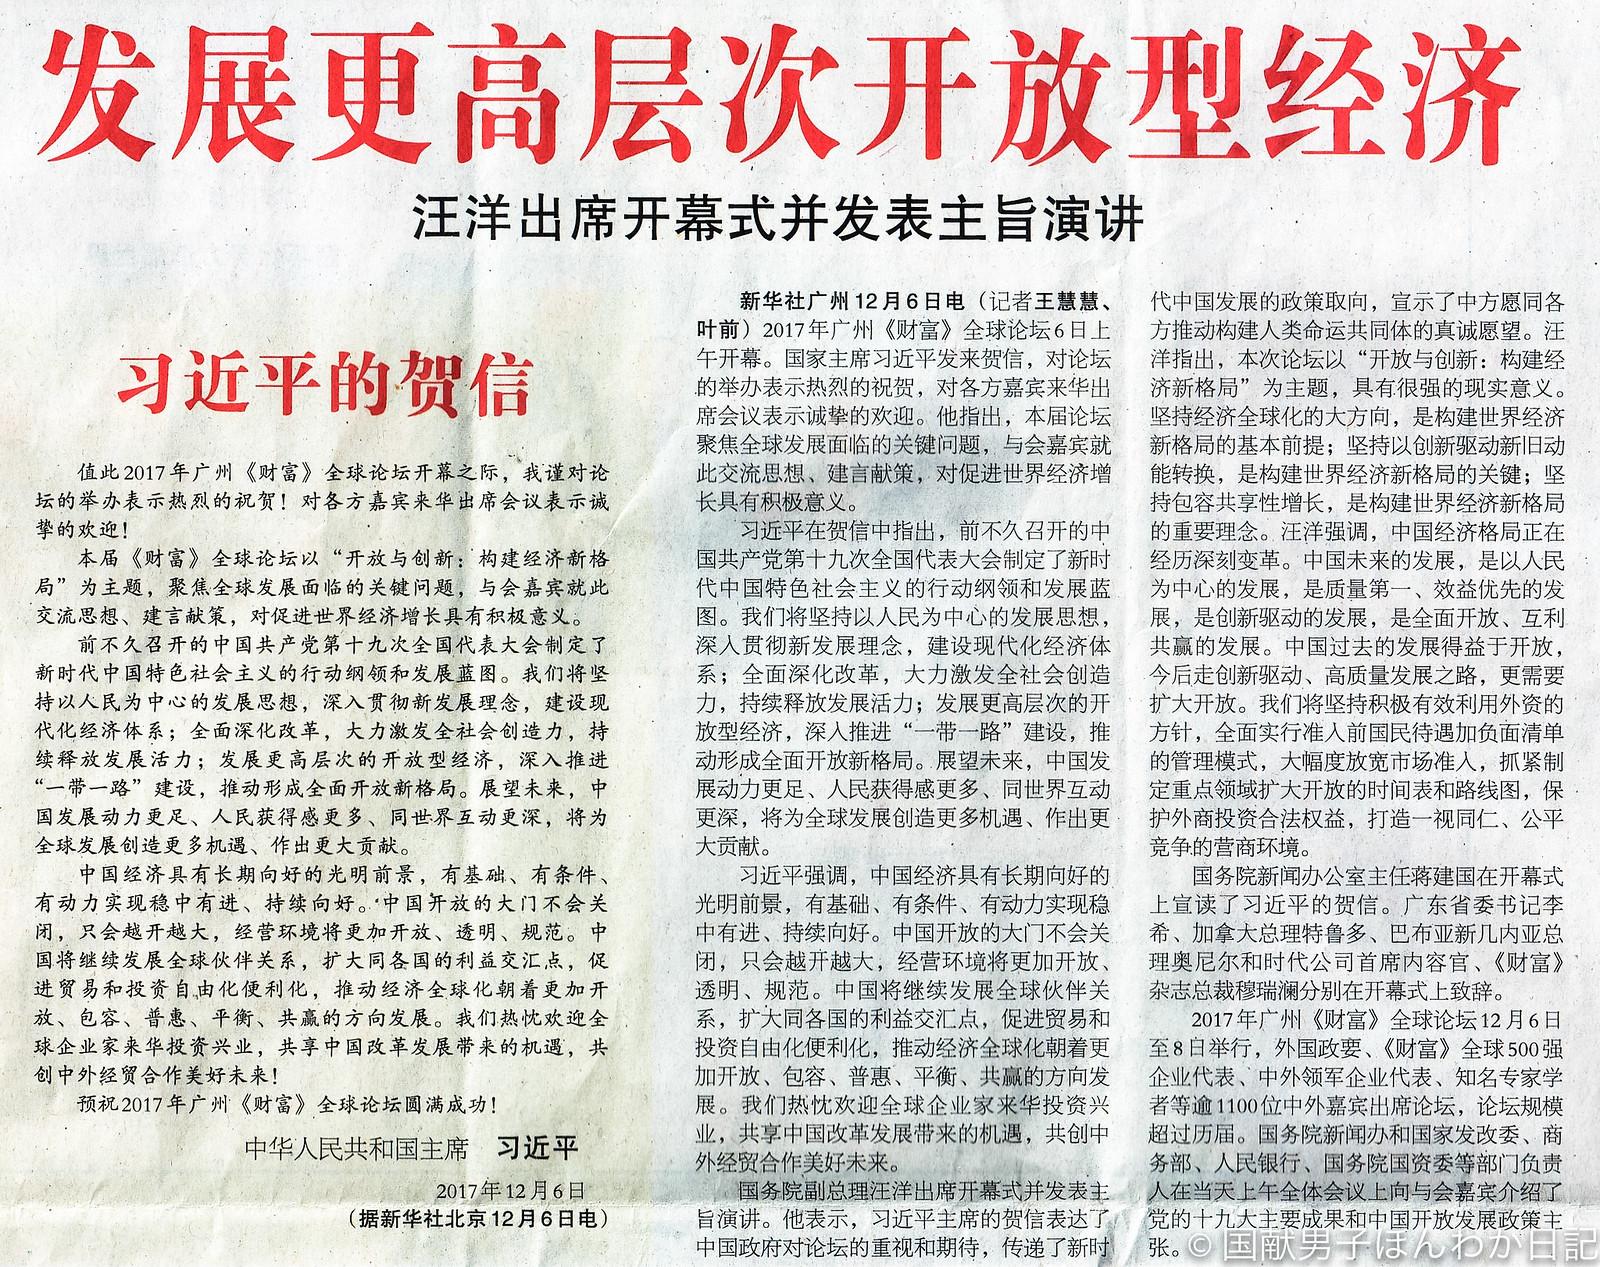 「人民日報」海外版17.12.7より